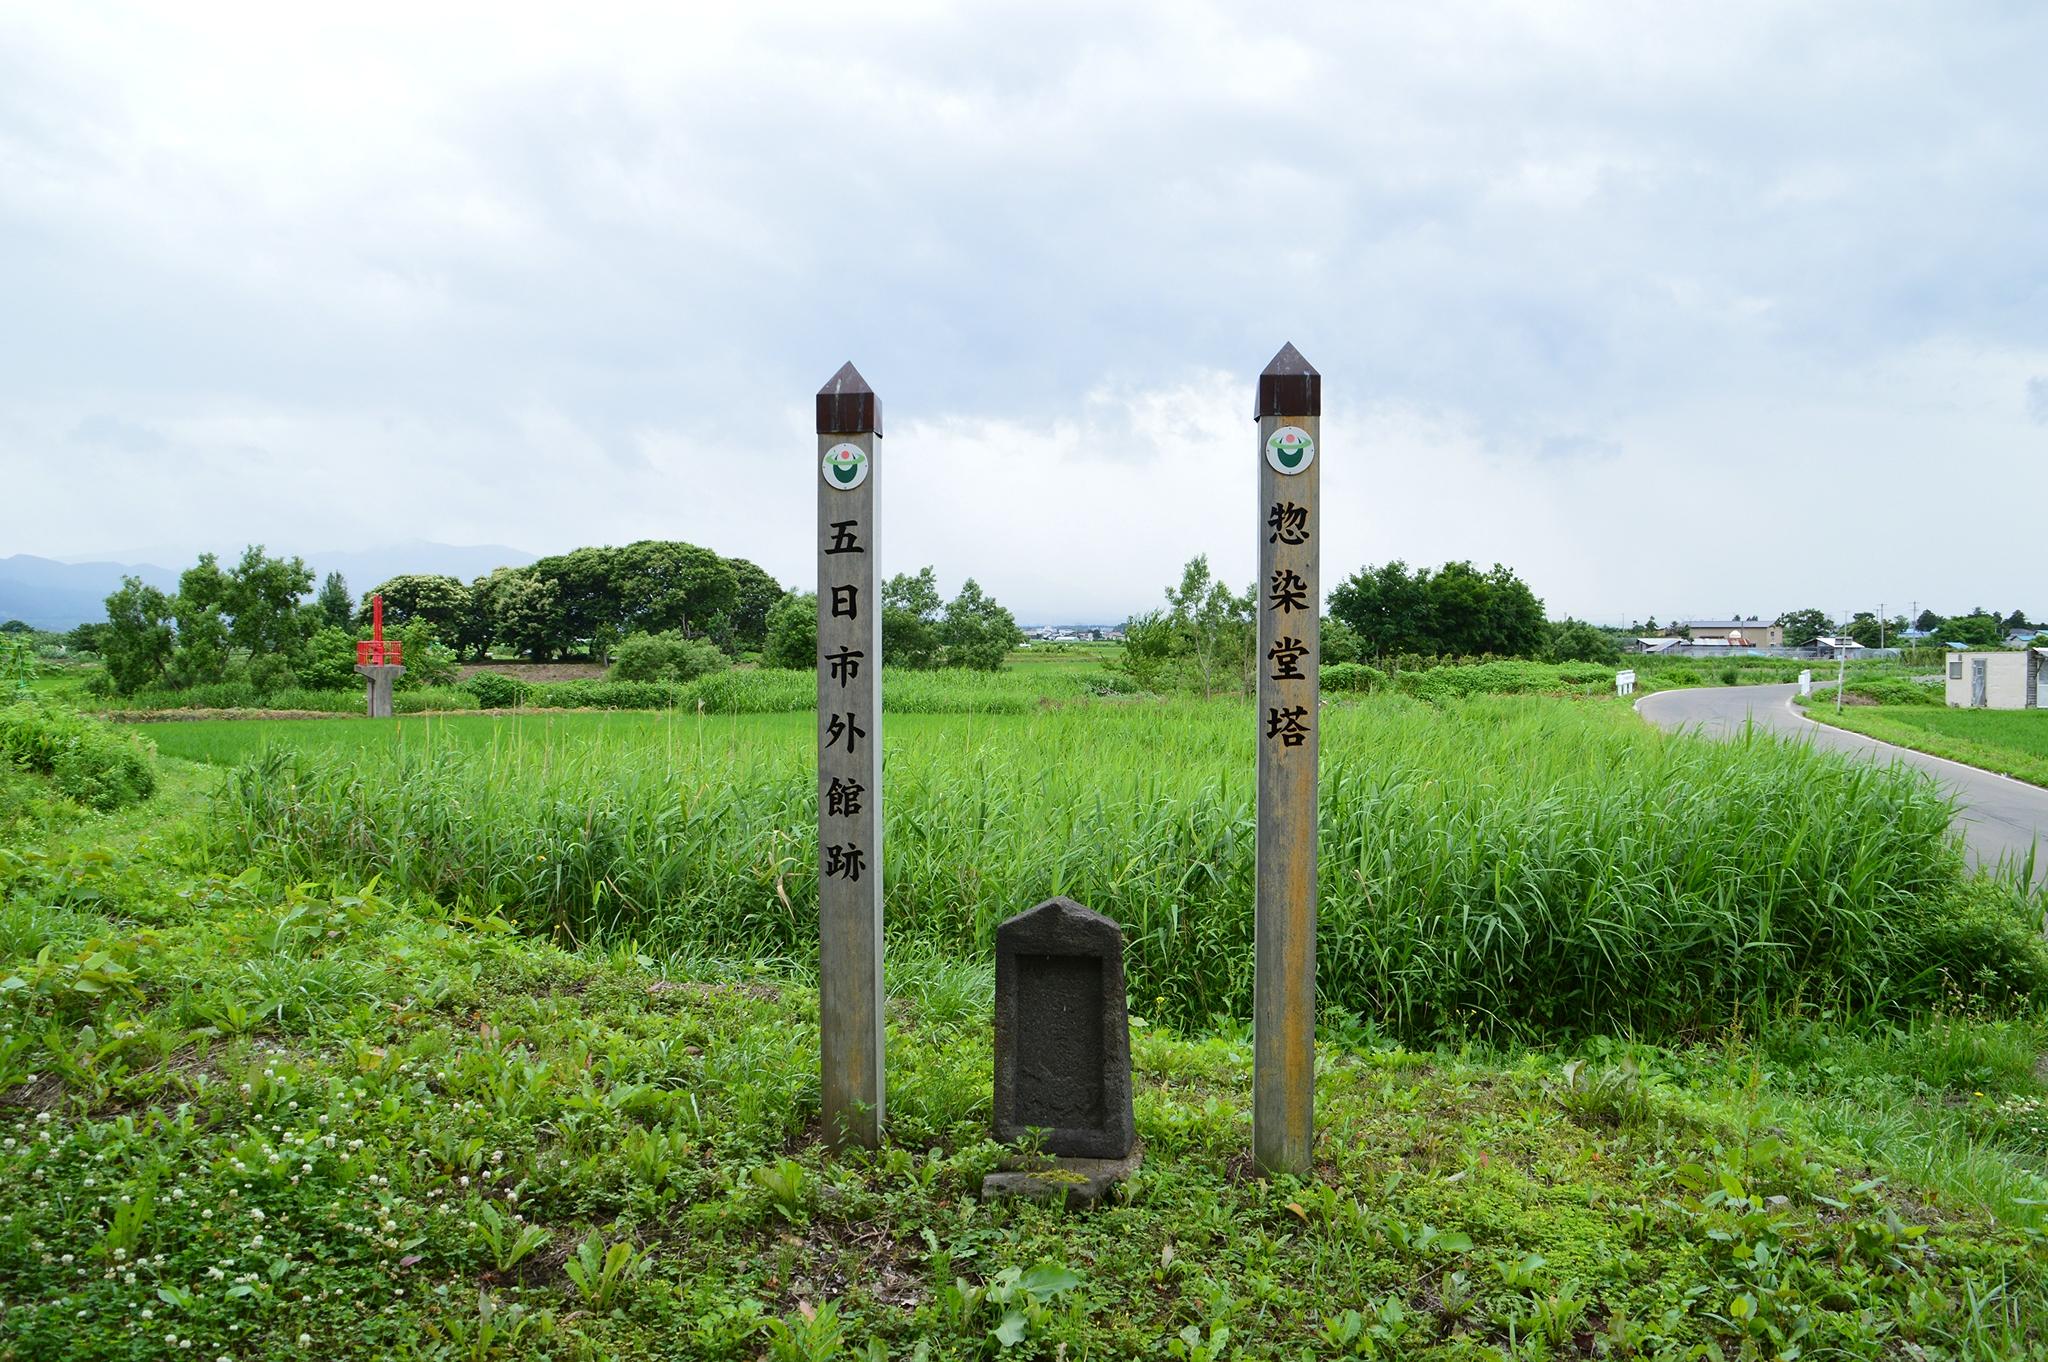 w300h300五日市館・周辺は田畑となっている